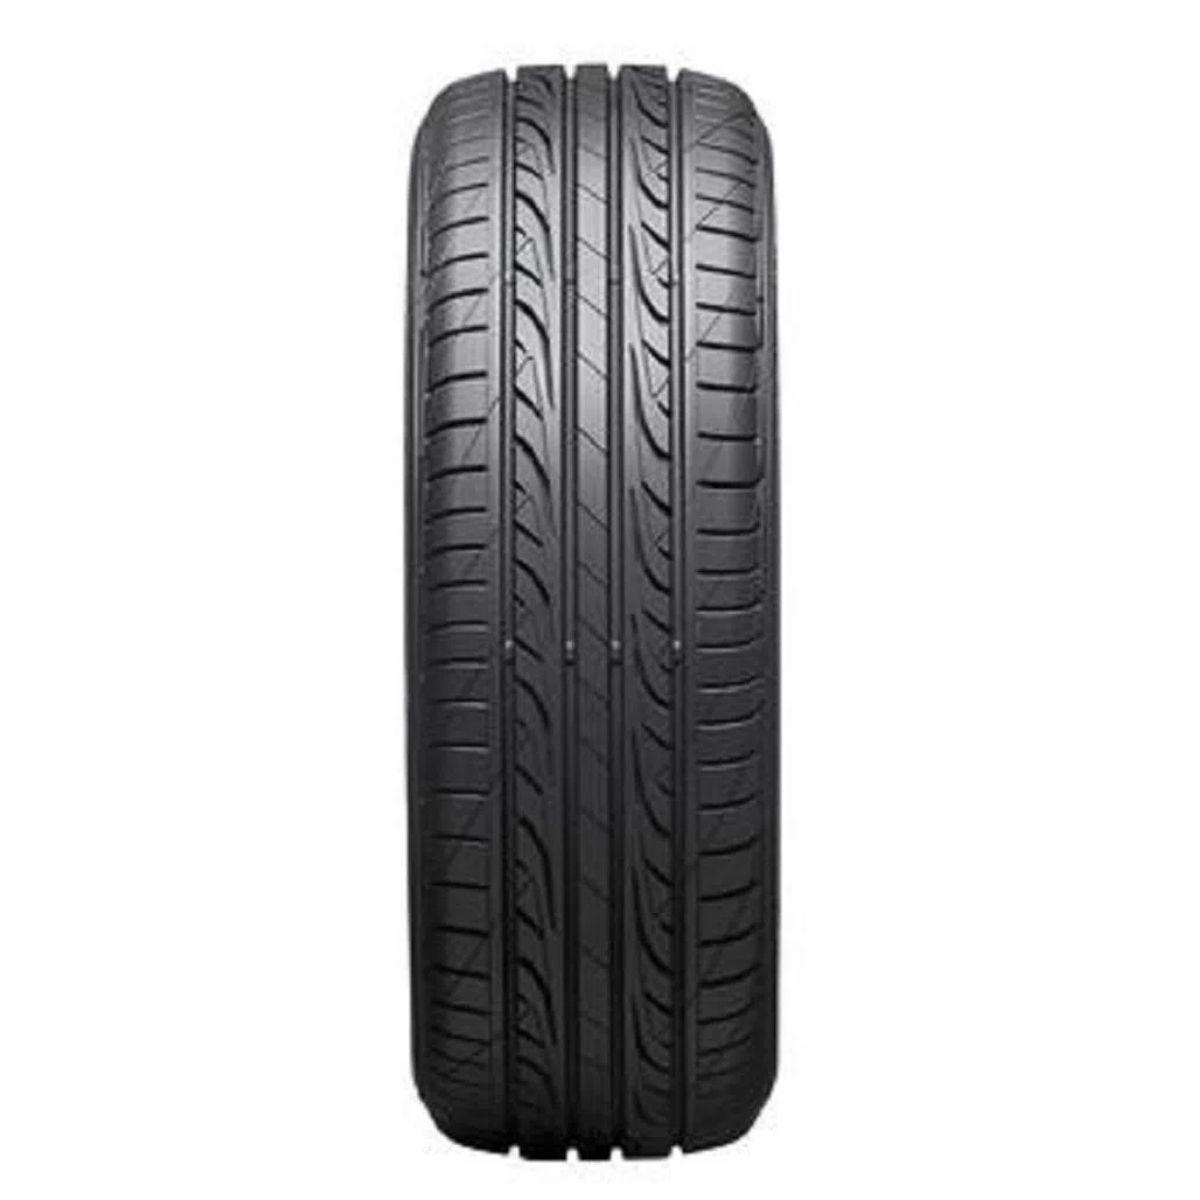 Pneu Dunlop SP Sport LM704 Aro 15 185/55 82V